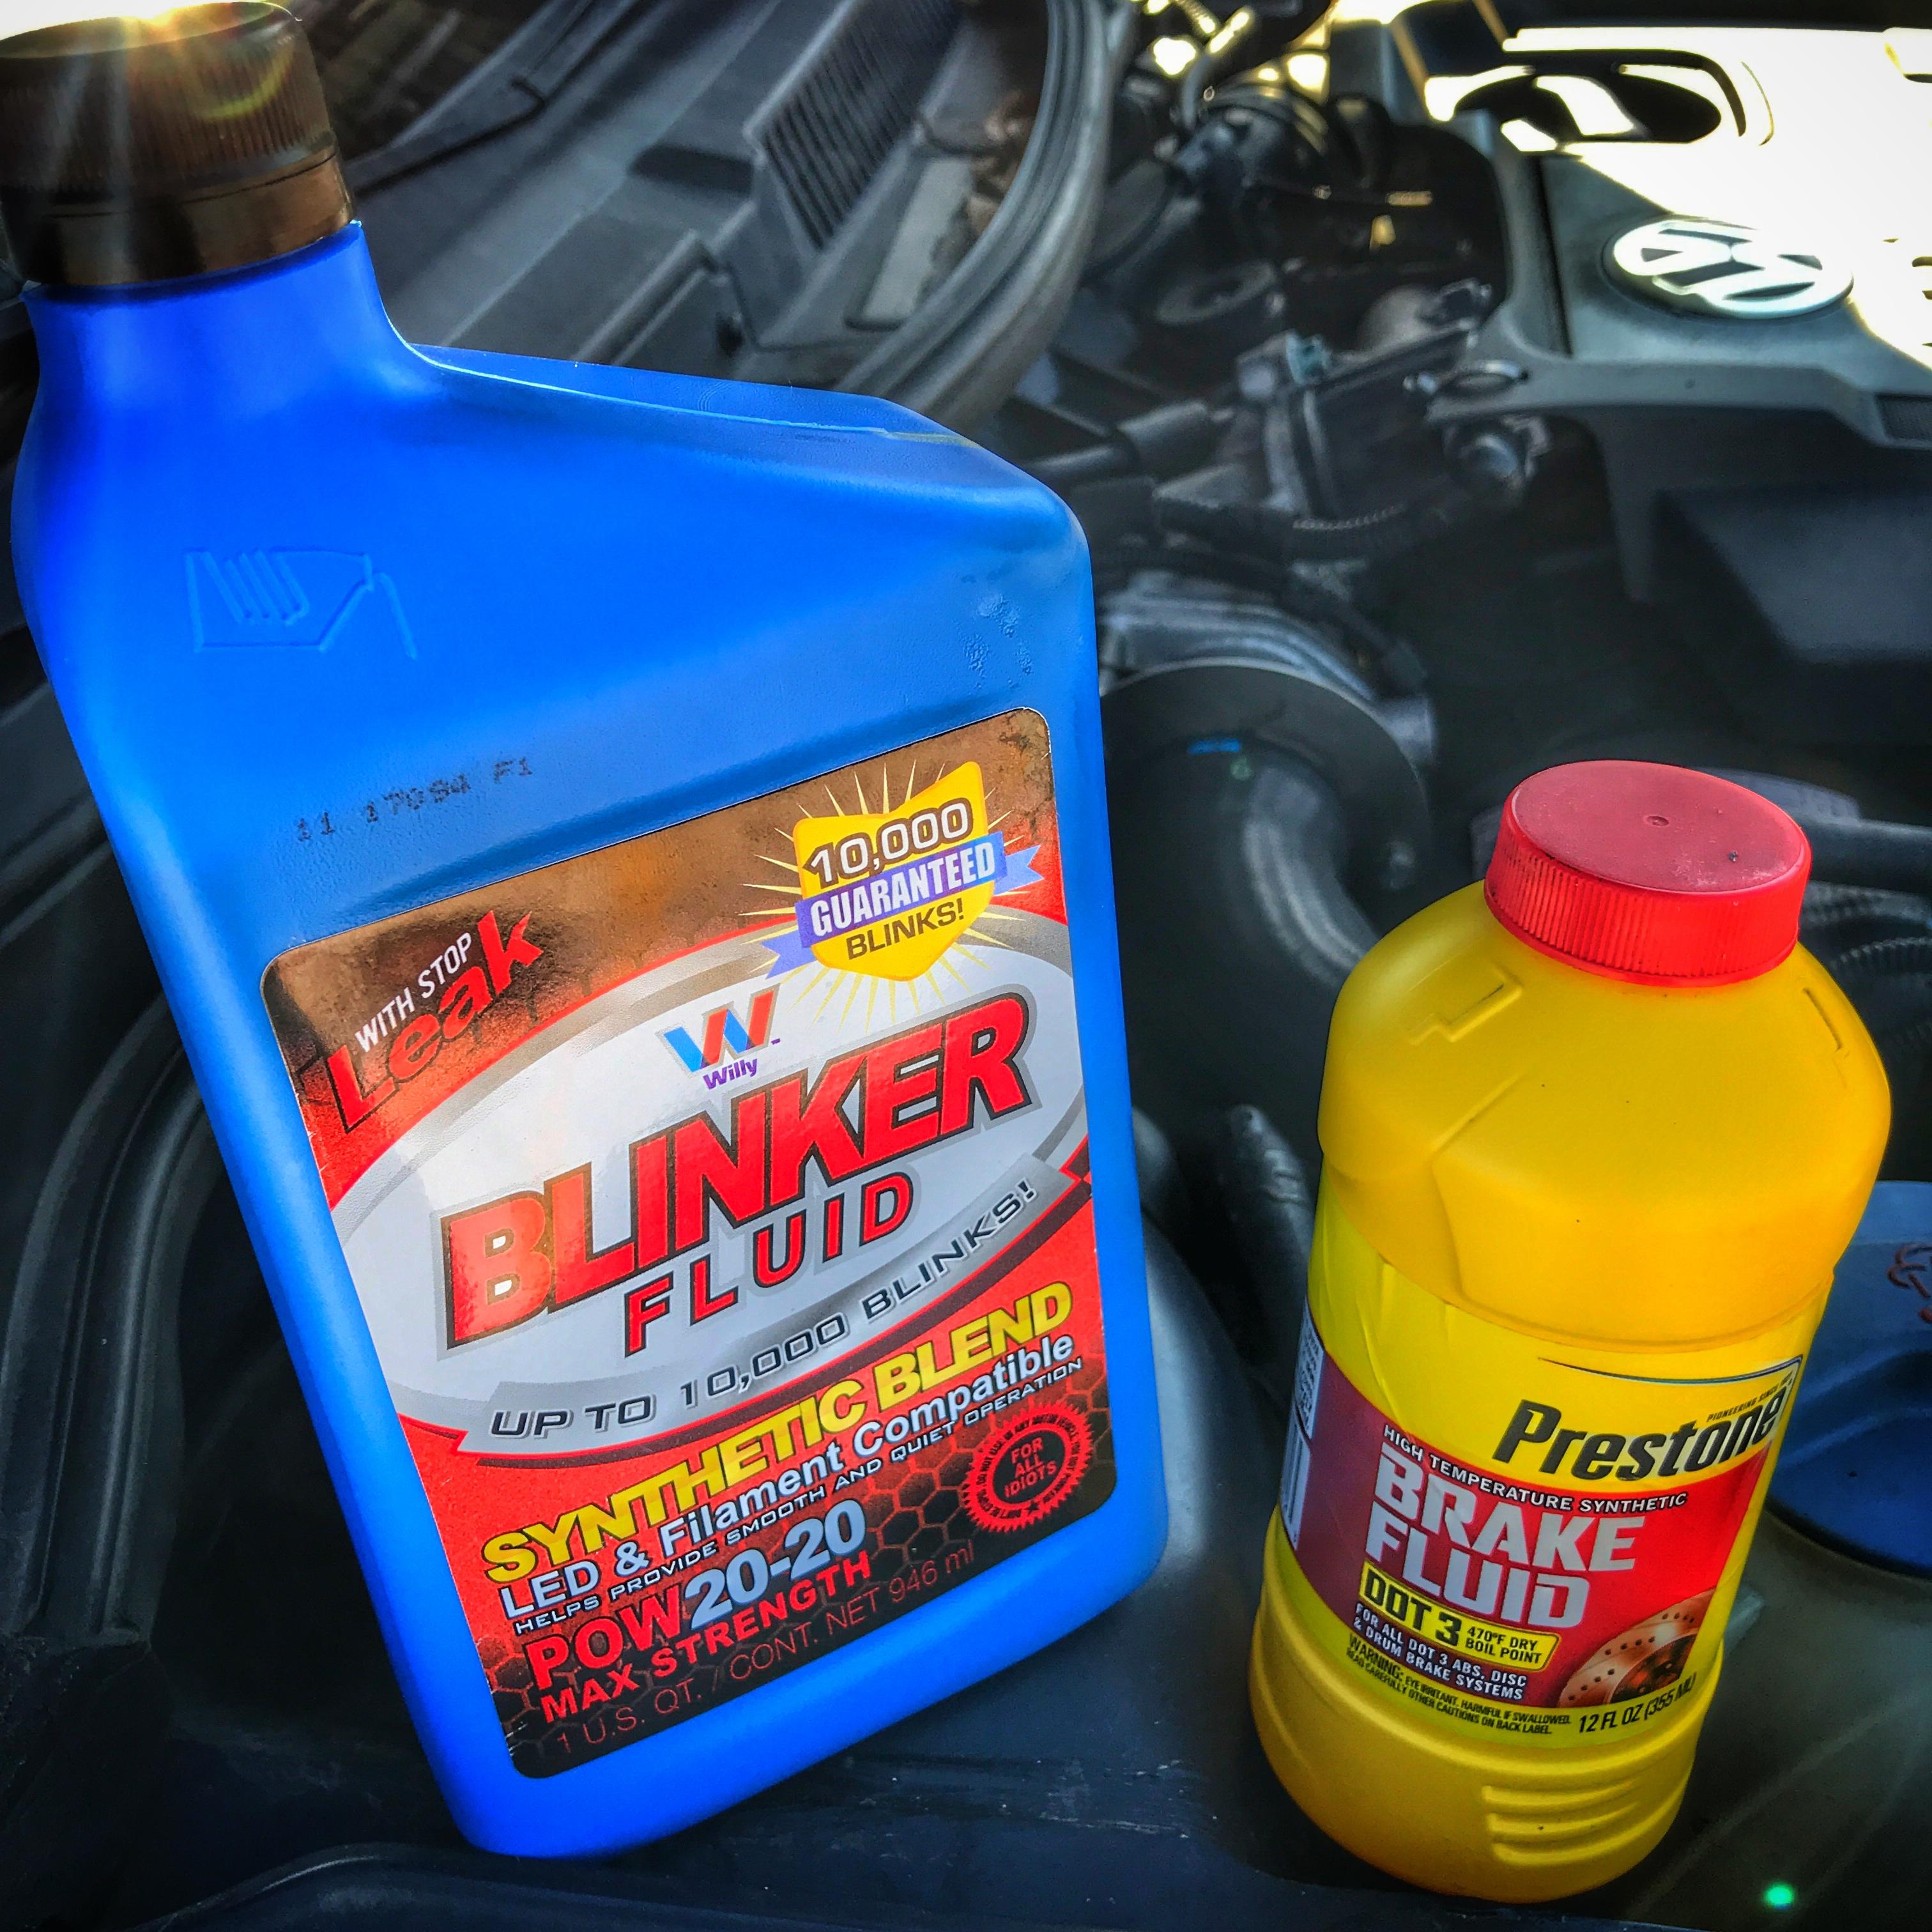 blinker-fluid-brake-fluid.jpg